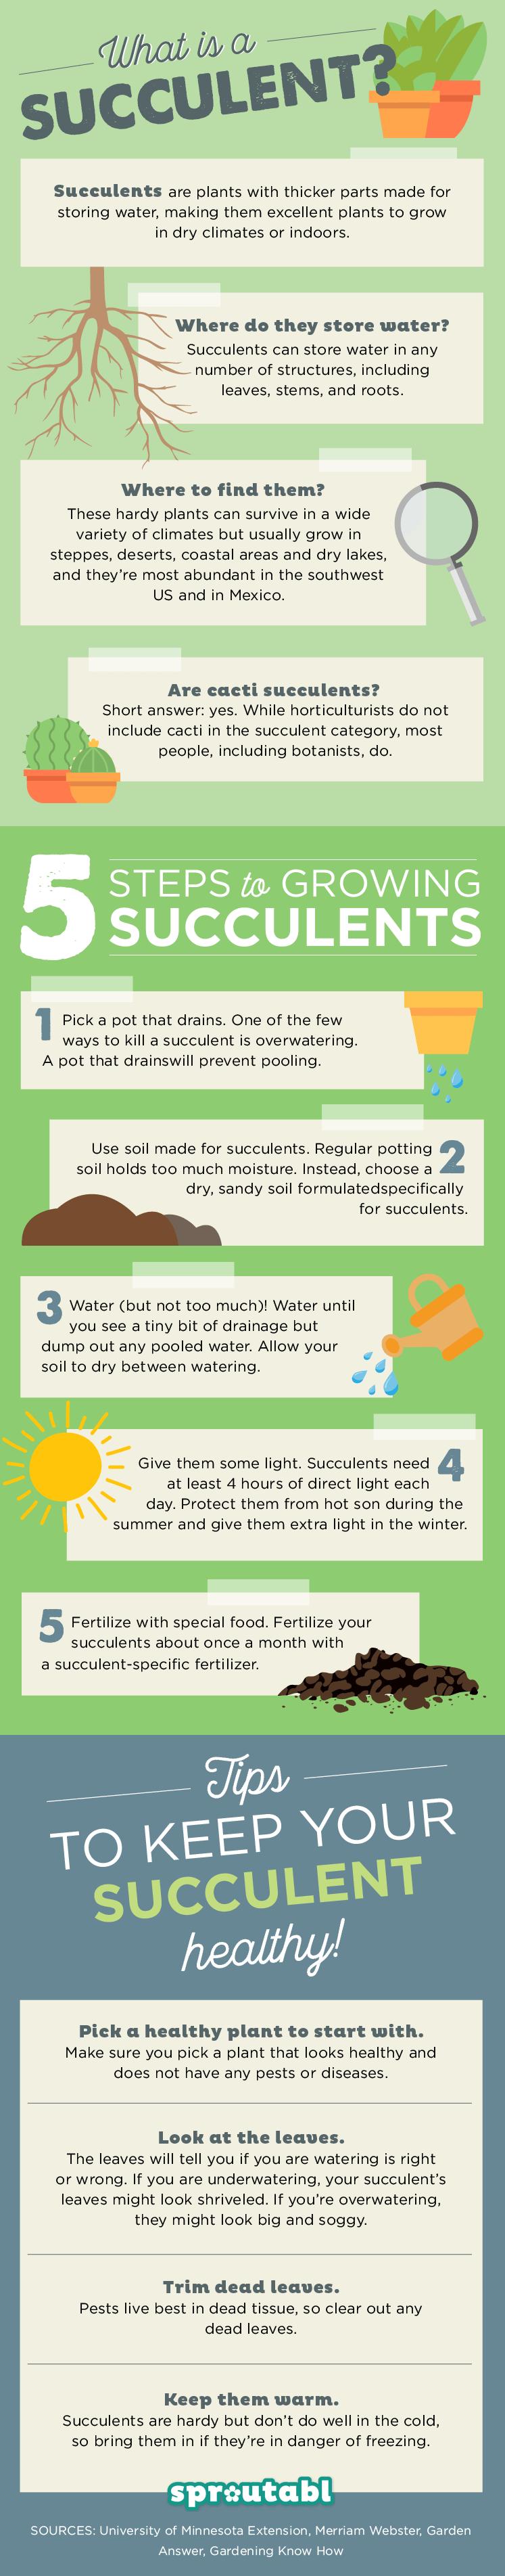 多汁植物护理和种植技巧多汁植物喜欢干燥的条件,明亮的阳光和沙质土壤。当你种植多肉植物时,弄清楚如何在太多和不足够的水之间取得适当的平衡可能很困难,因为可以确定他们需要多少阳光。多汁植物的确切要求取决于......